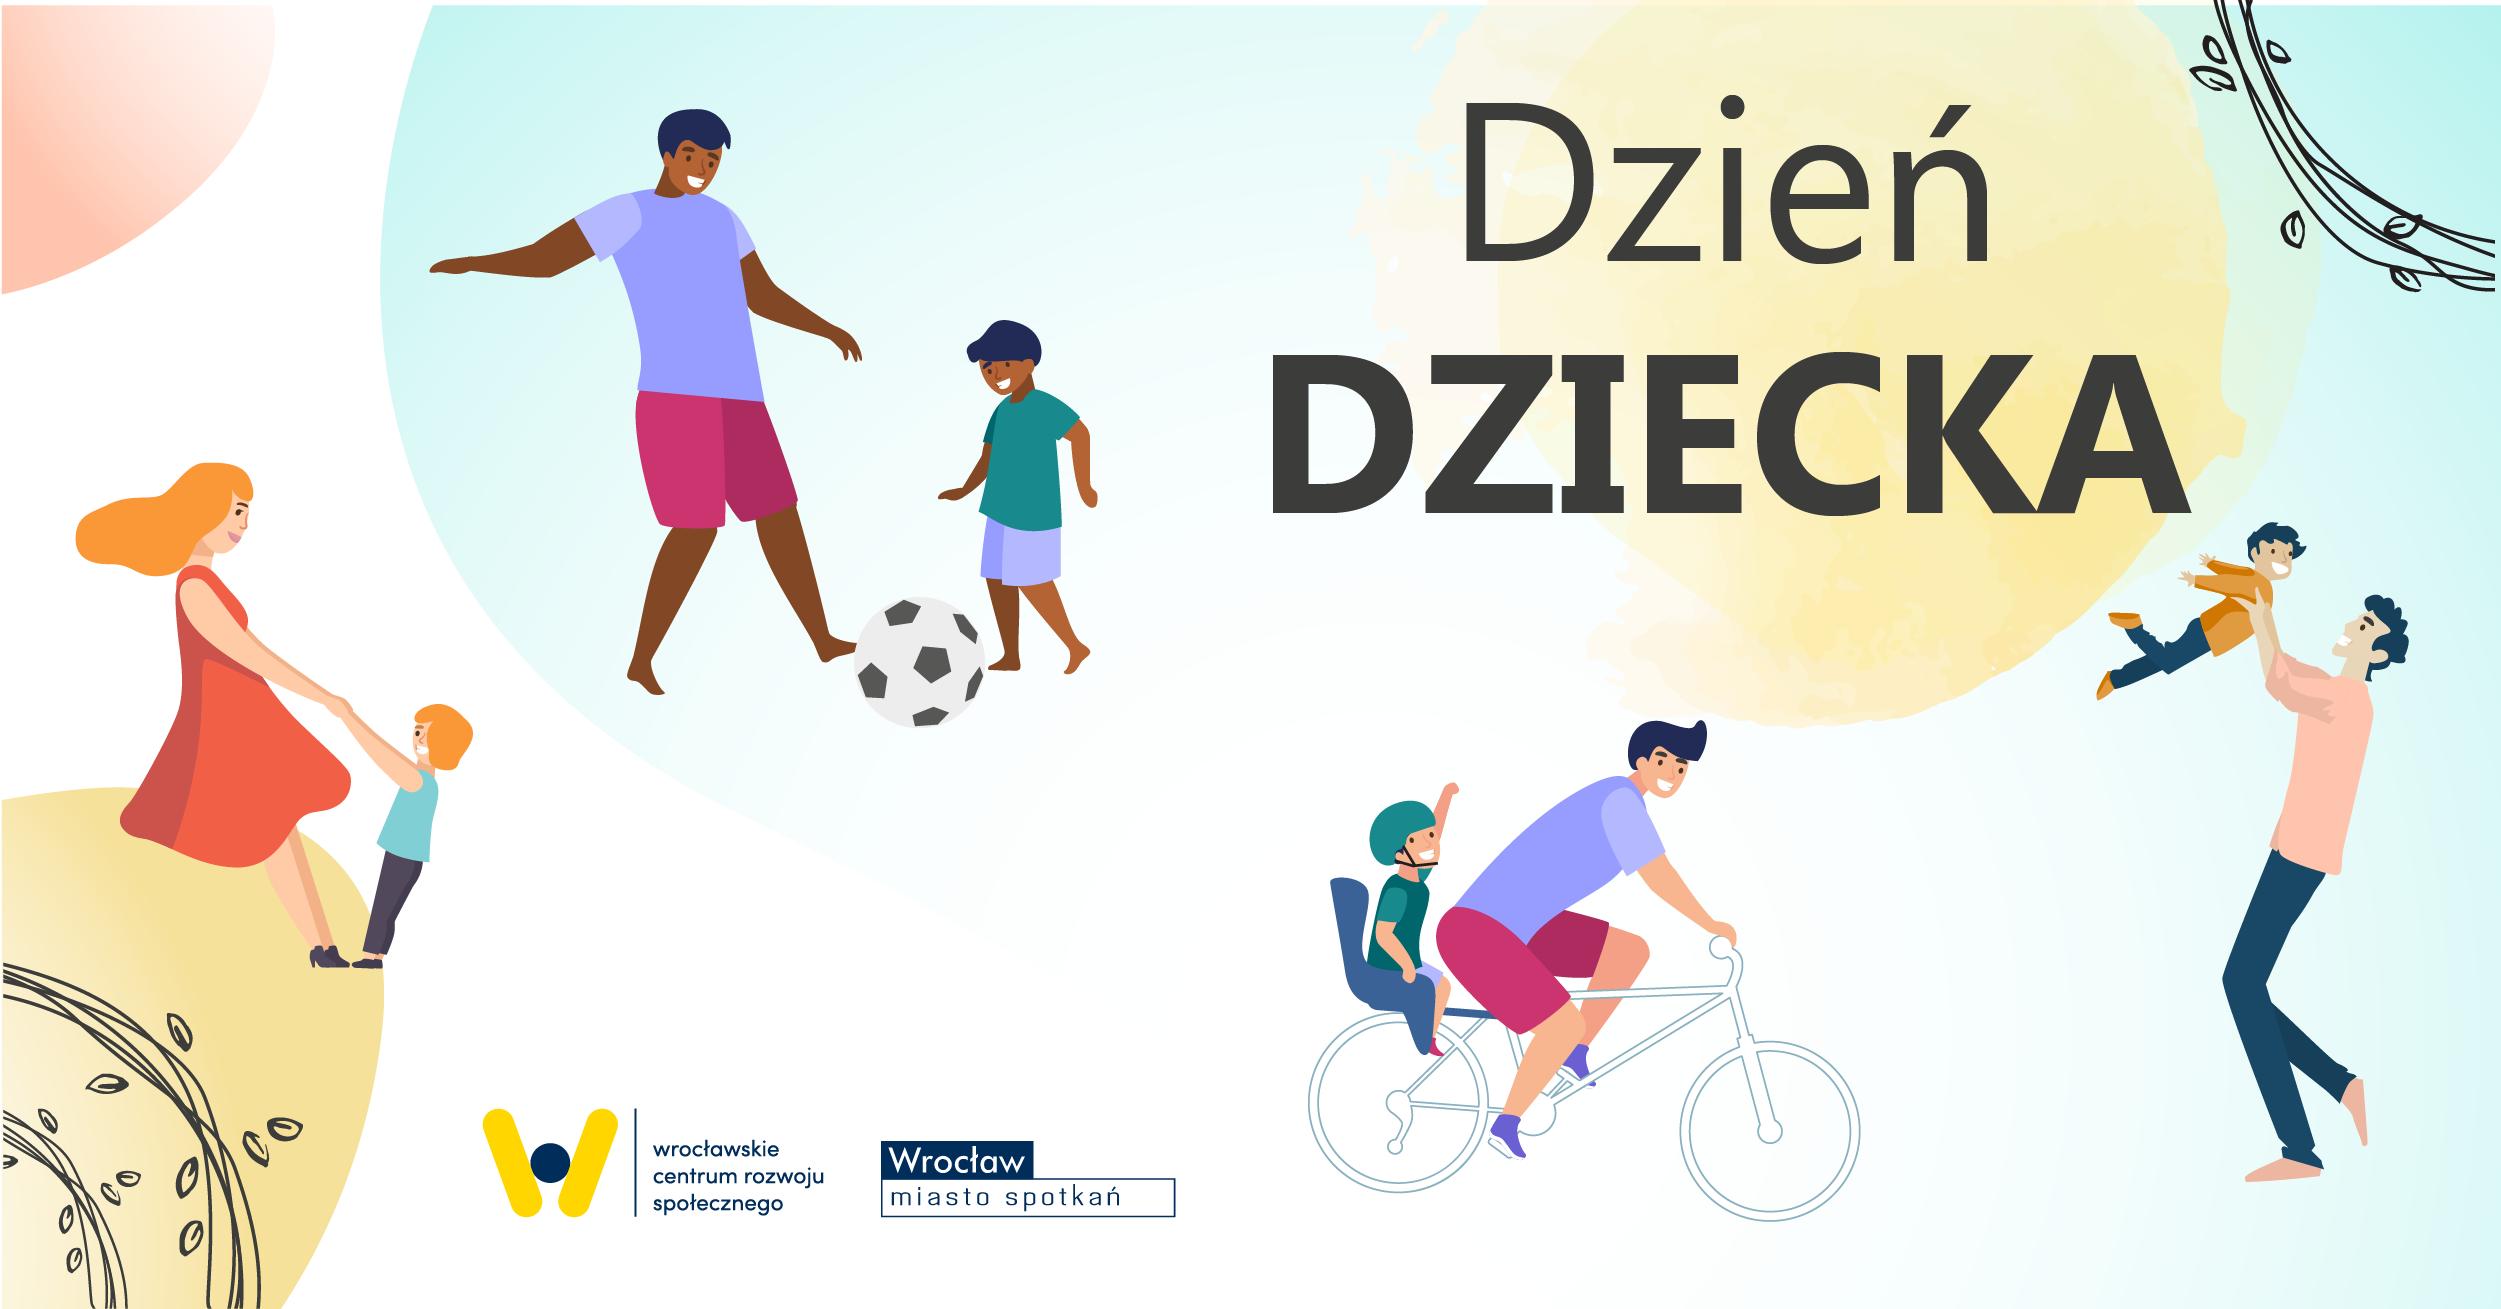 napis po prawej Dzień dziecka dookoła rysowane postaci dzieci: tańczące z mamą, na rowerze, grające w piłkę z dorosłym, podrzucane przez dorosłego